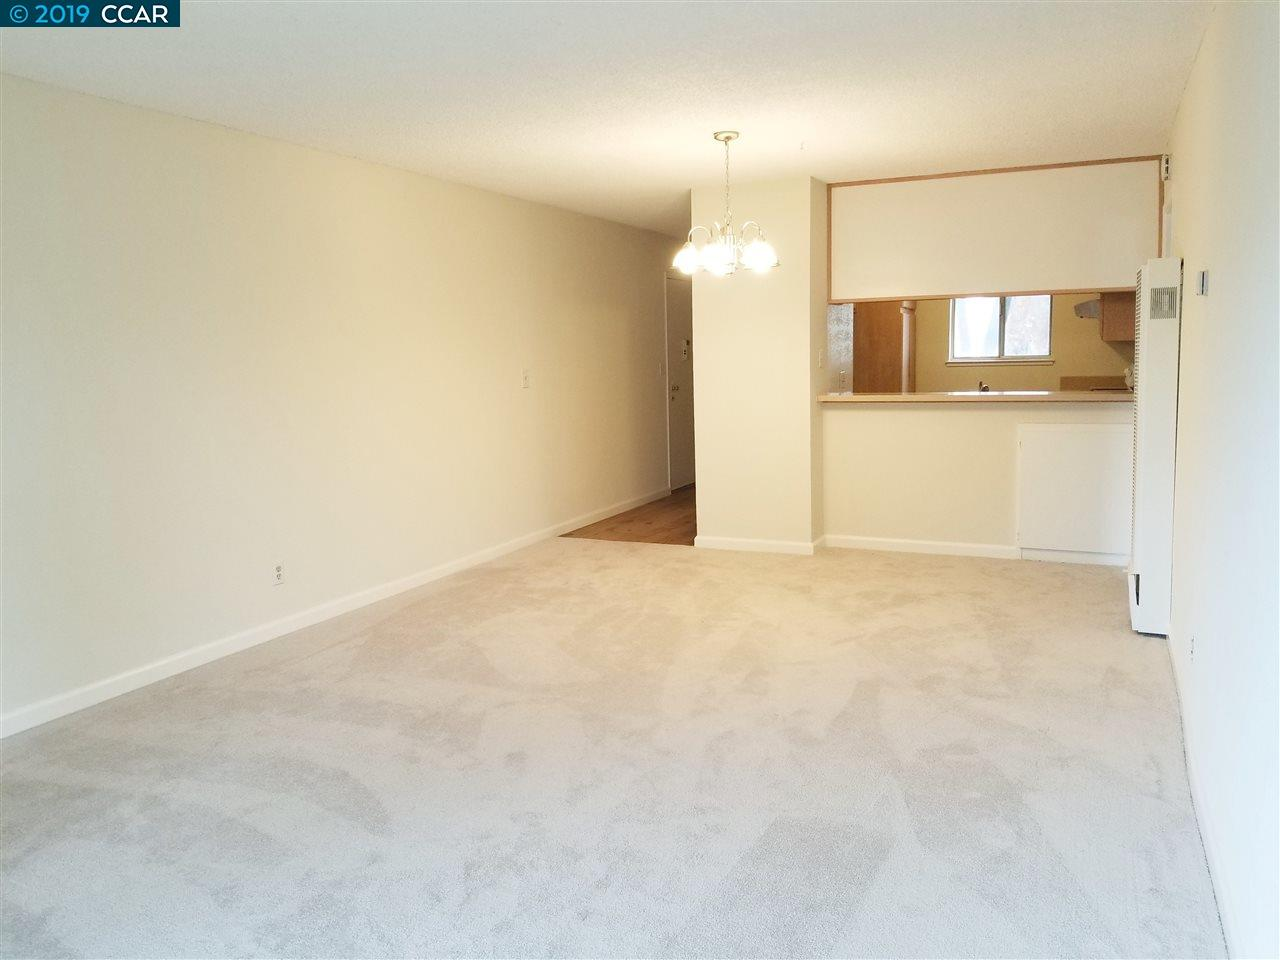 1060 Oak Grove Rd #65 Concord, CA 94518